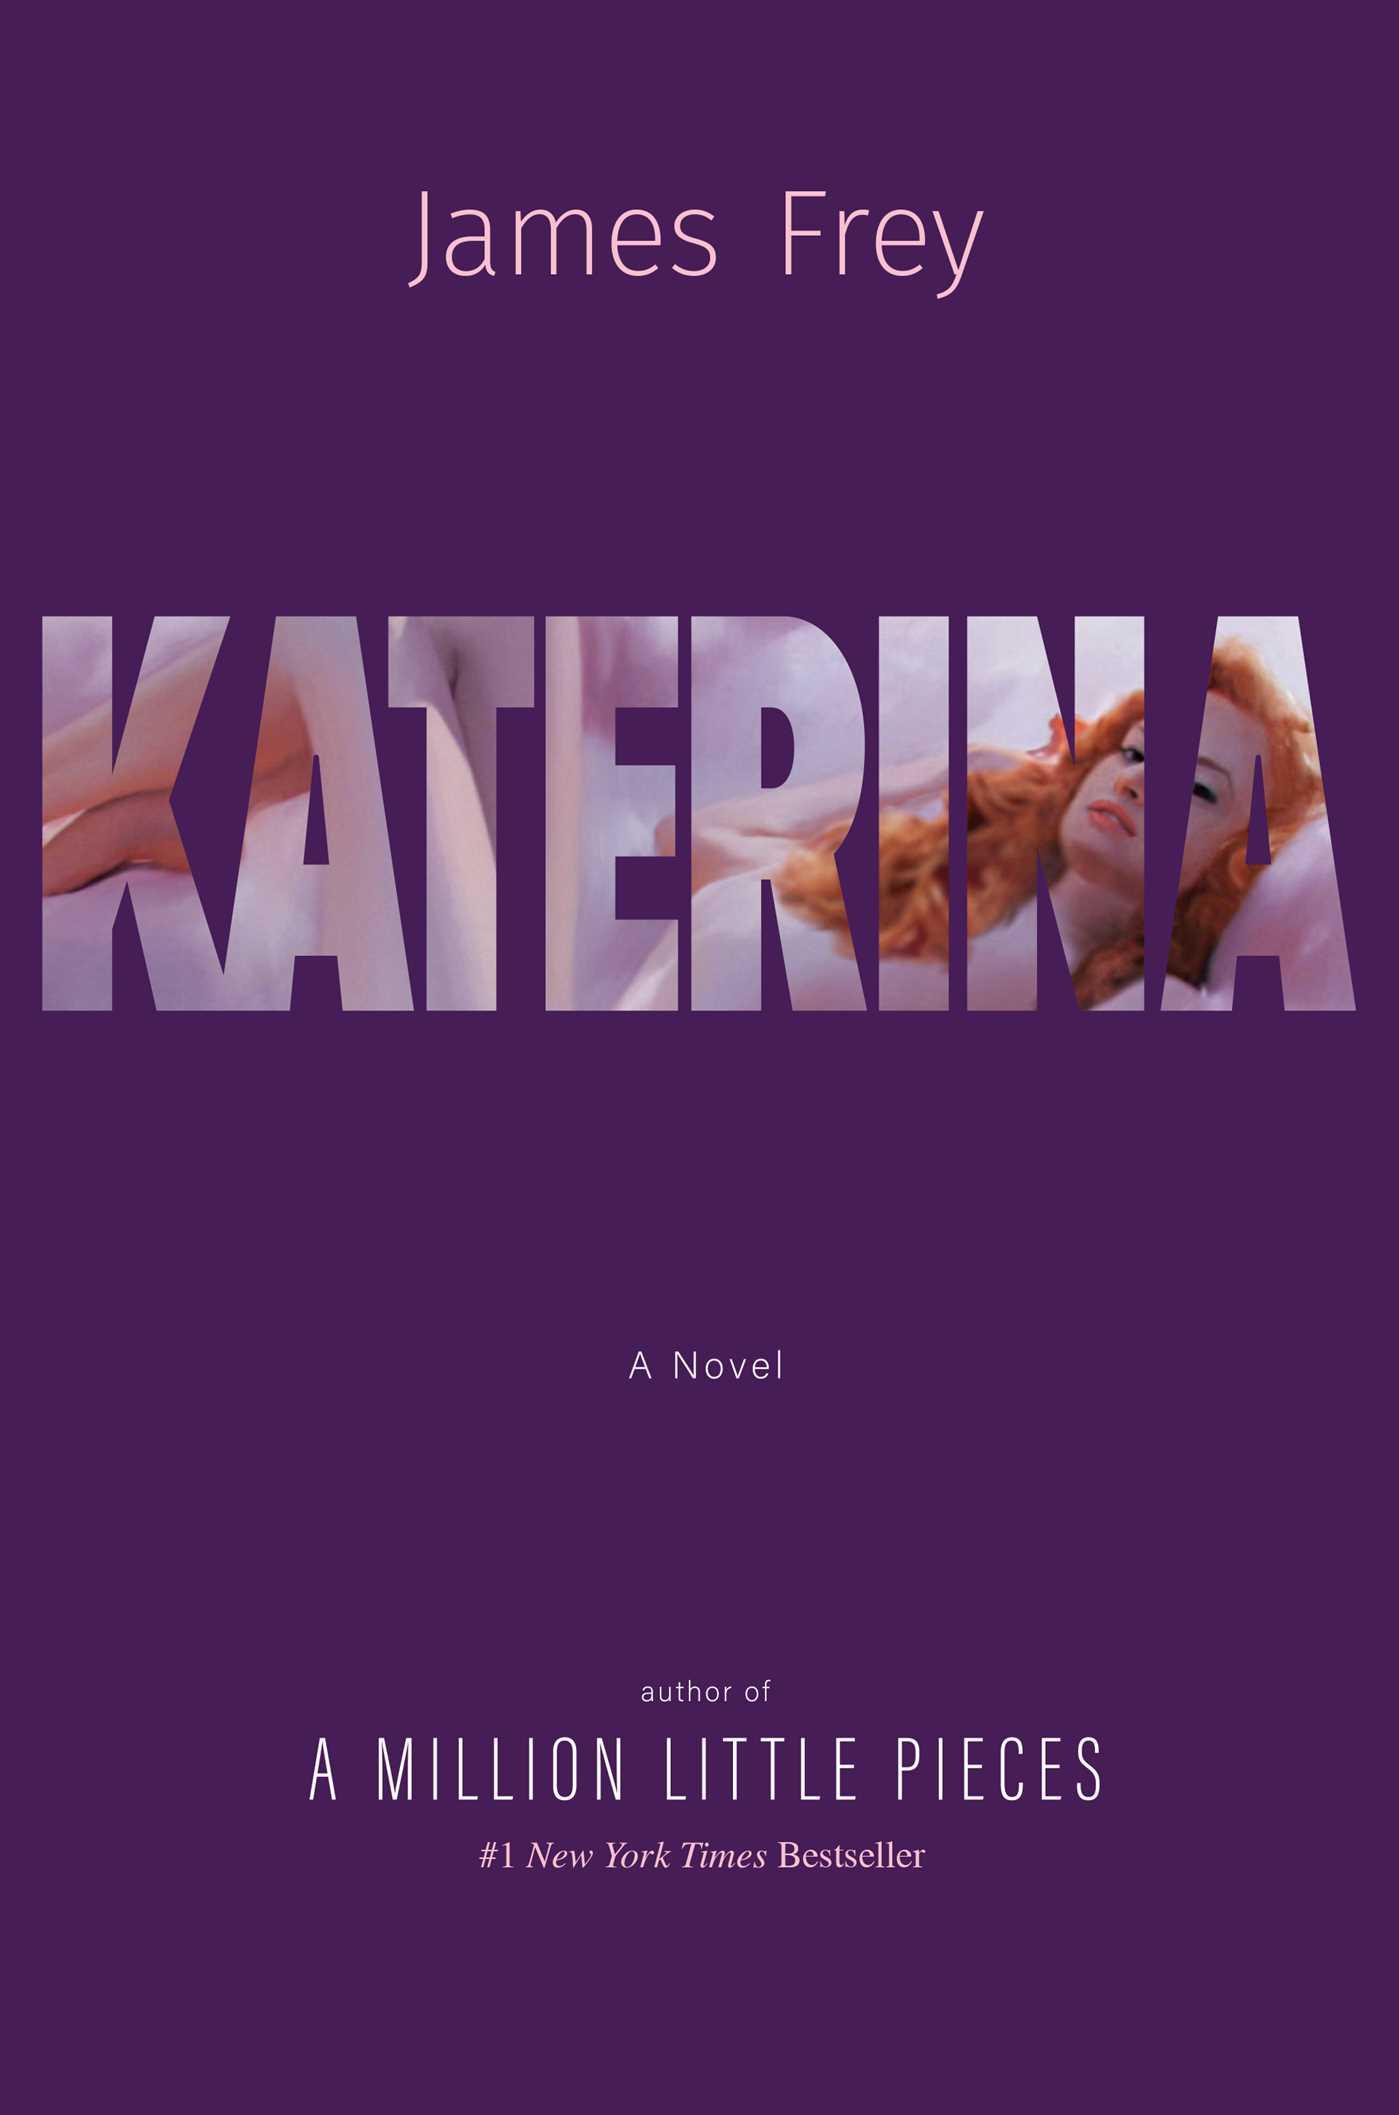 Katerina 9781982109202 hr